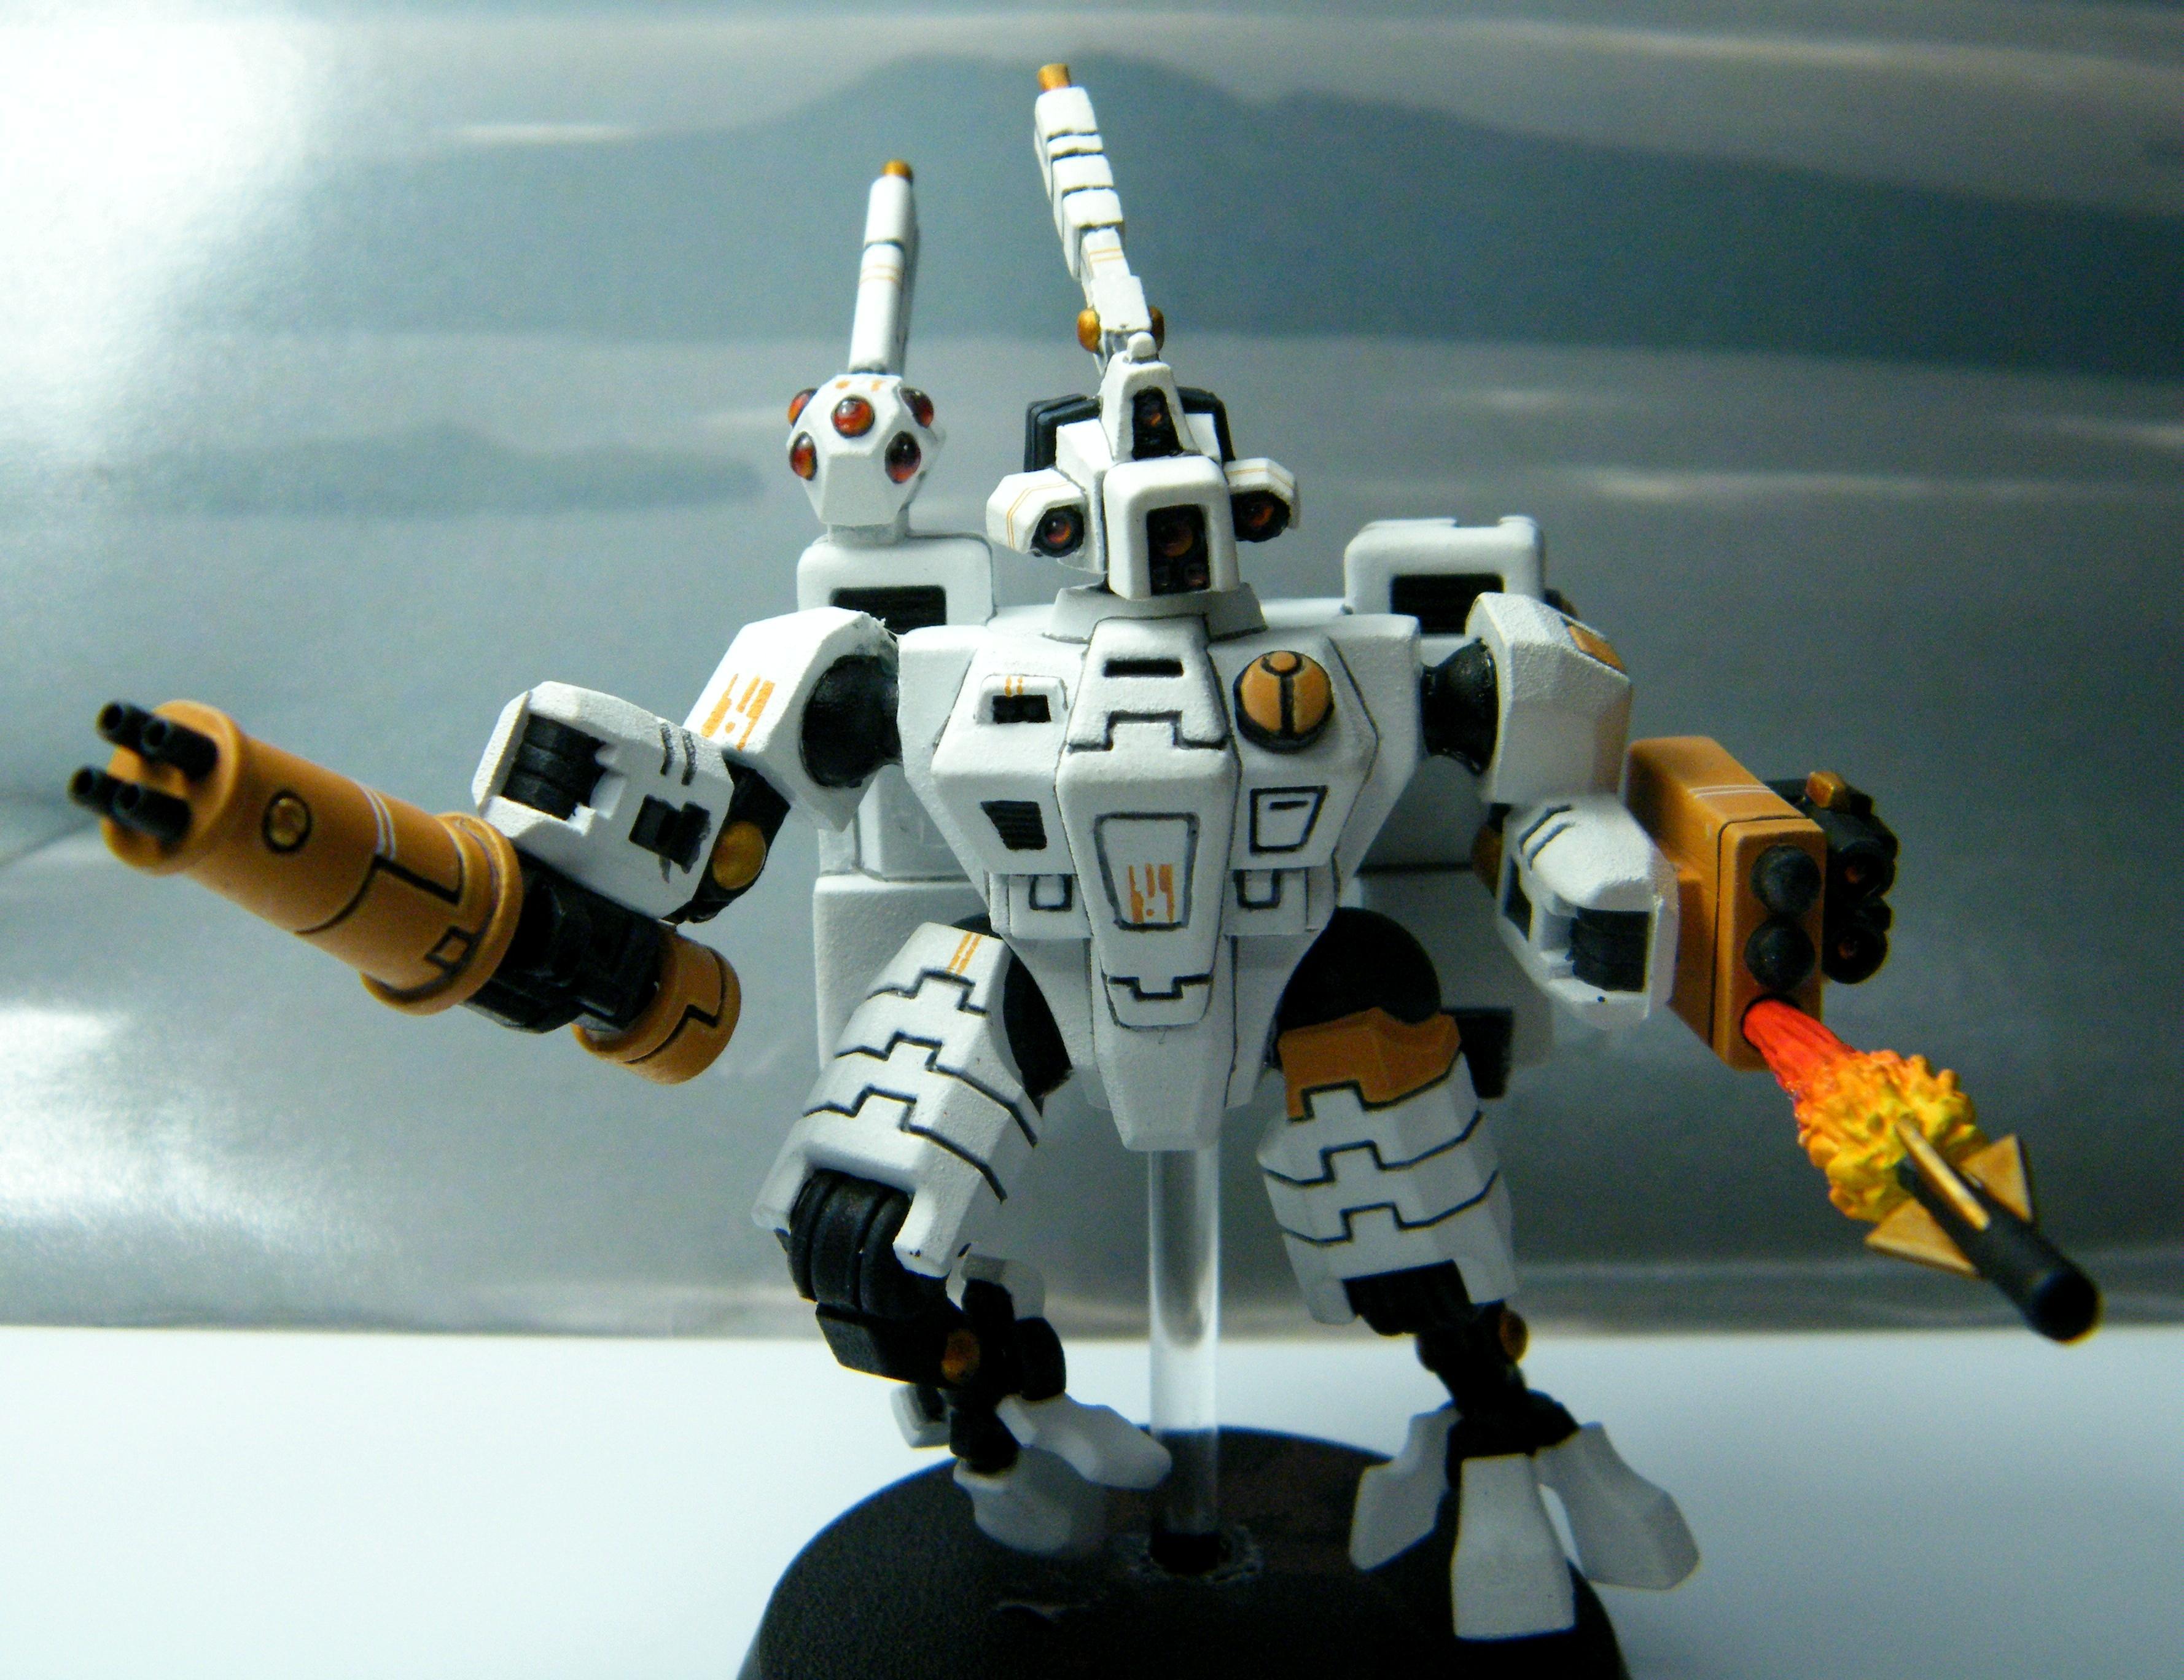 Battlesuit, Burst, Cannon, Commander, Crisis Battlesuit, Missile, Pod, Tau